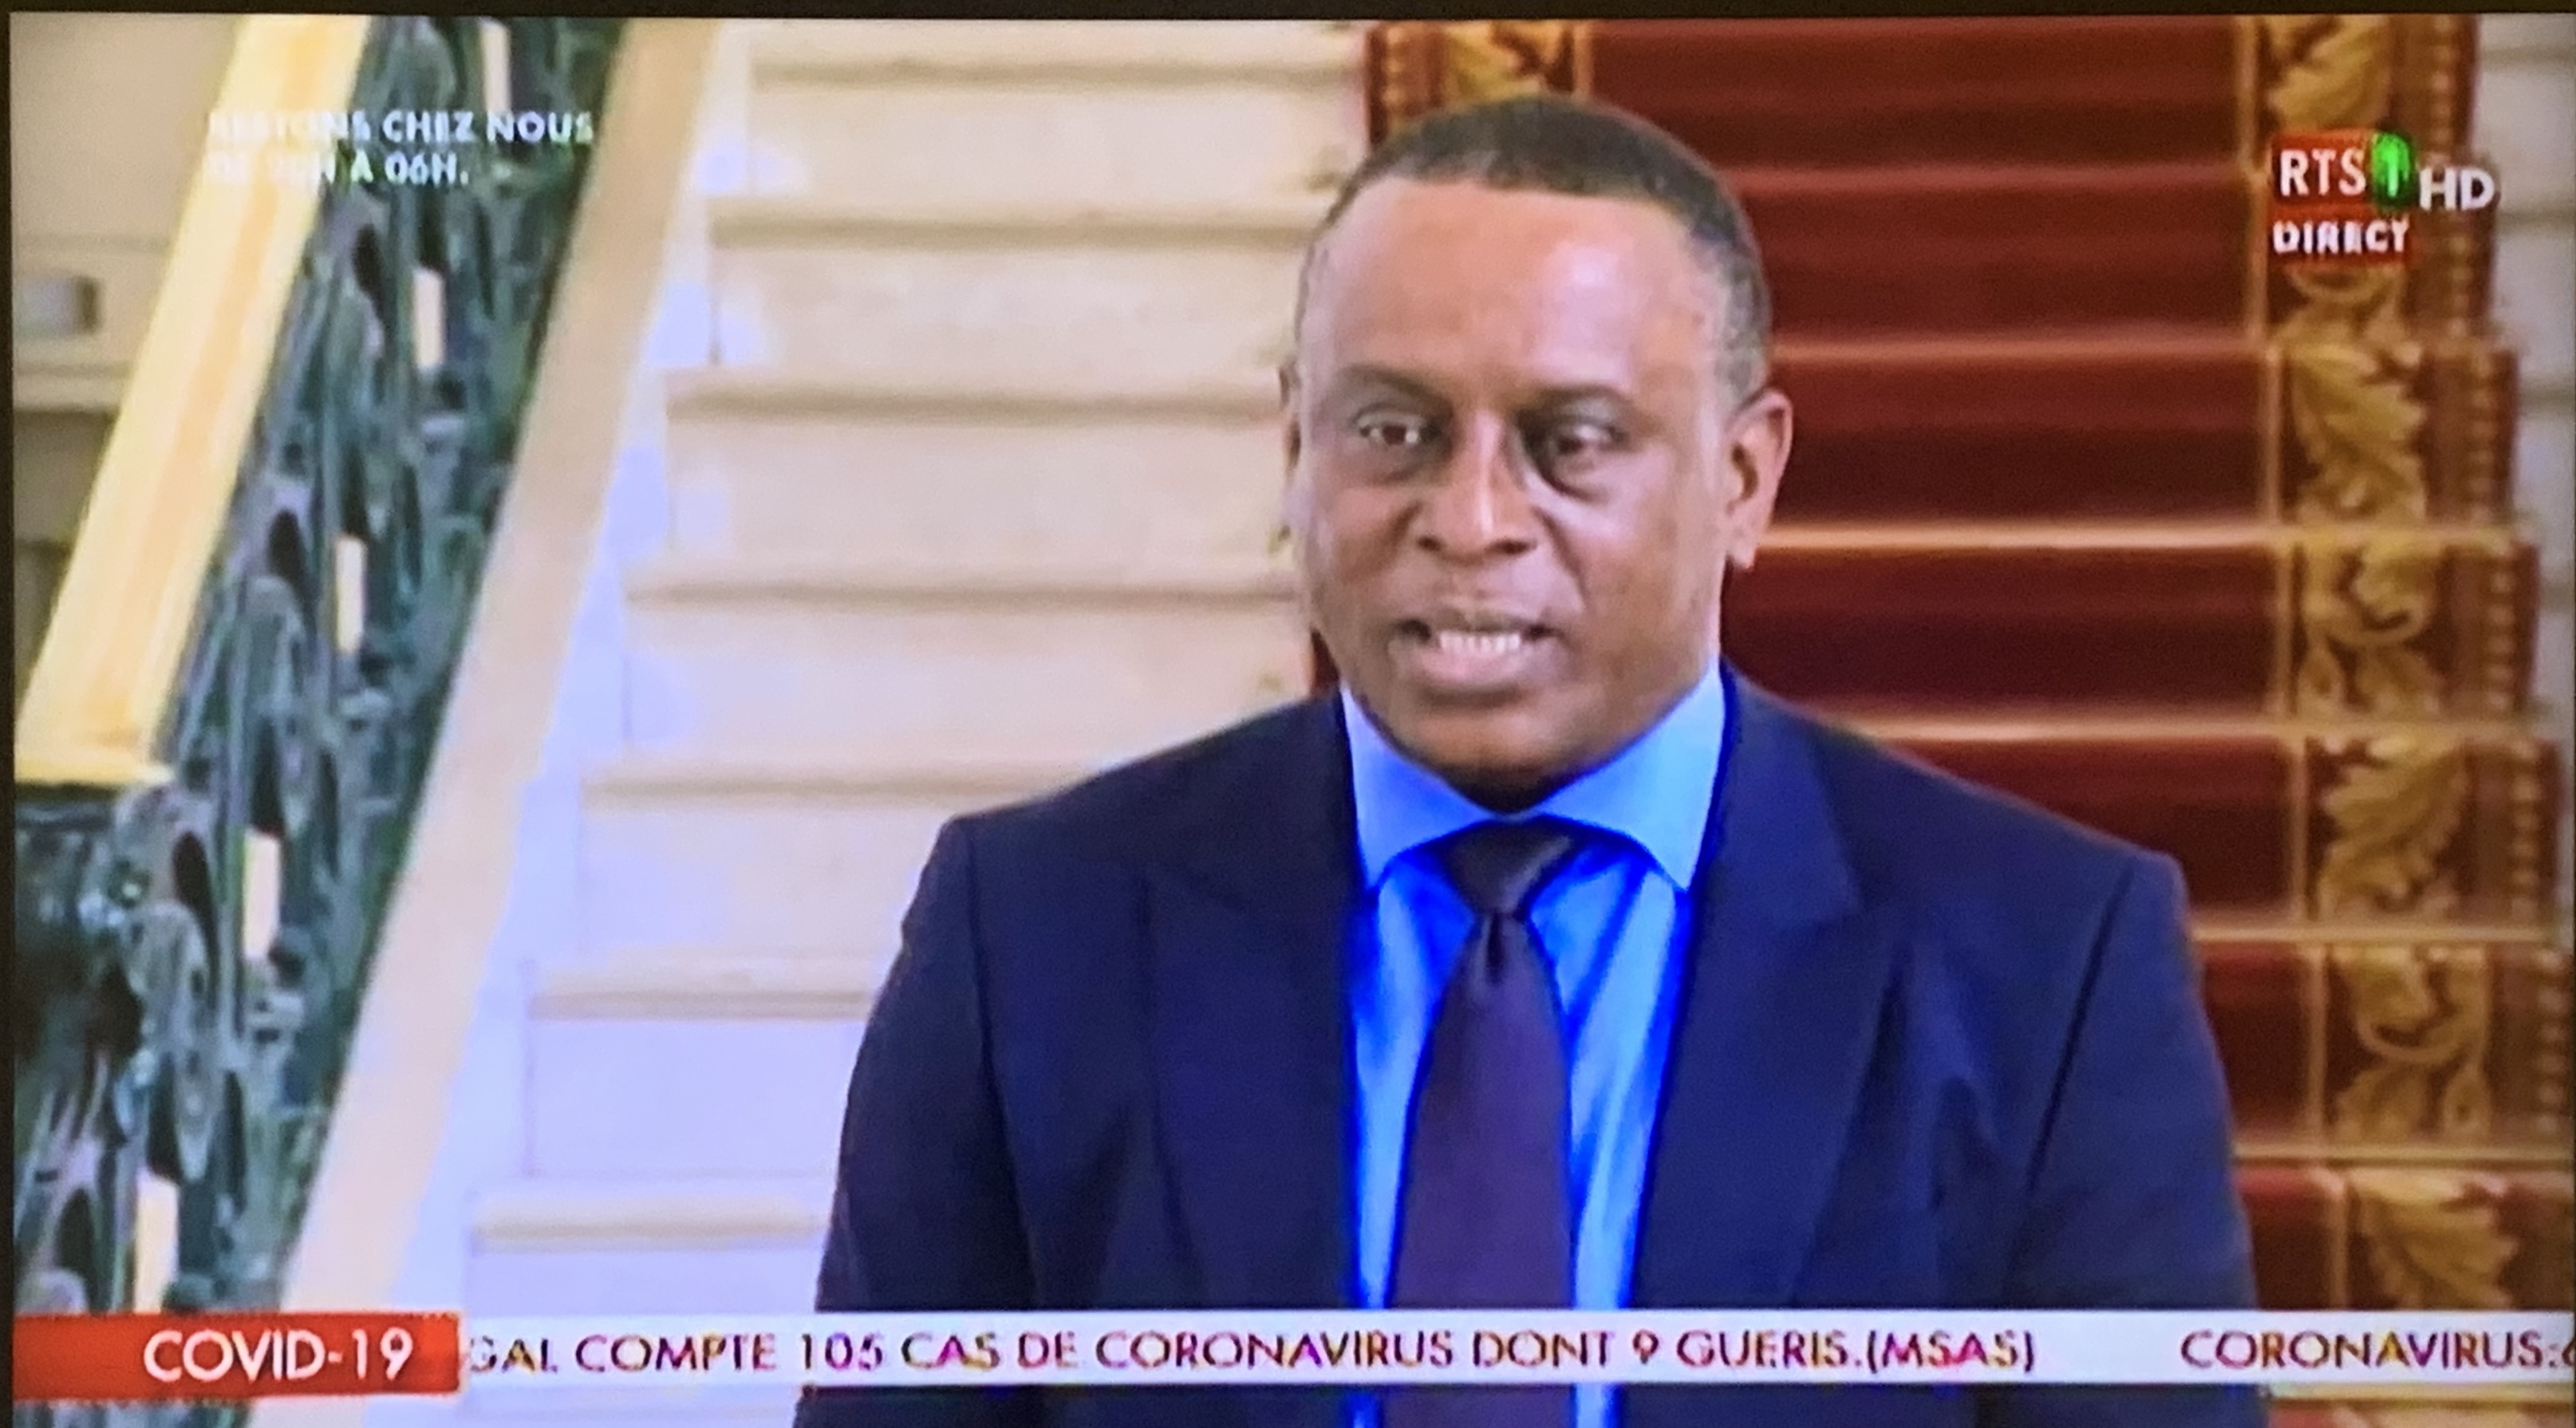 Cheikh Tidiane Gadio après son entretien avec Macky Sall : «Nous sommes un grand pays et ensemble, unis, nous sommes très forts...»